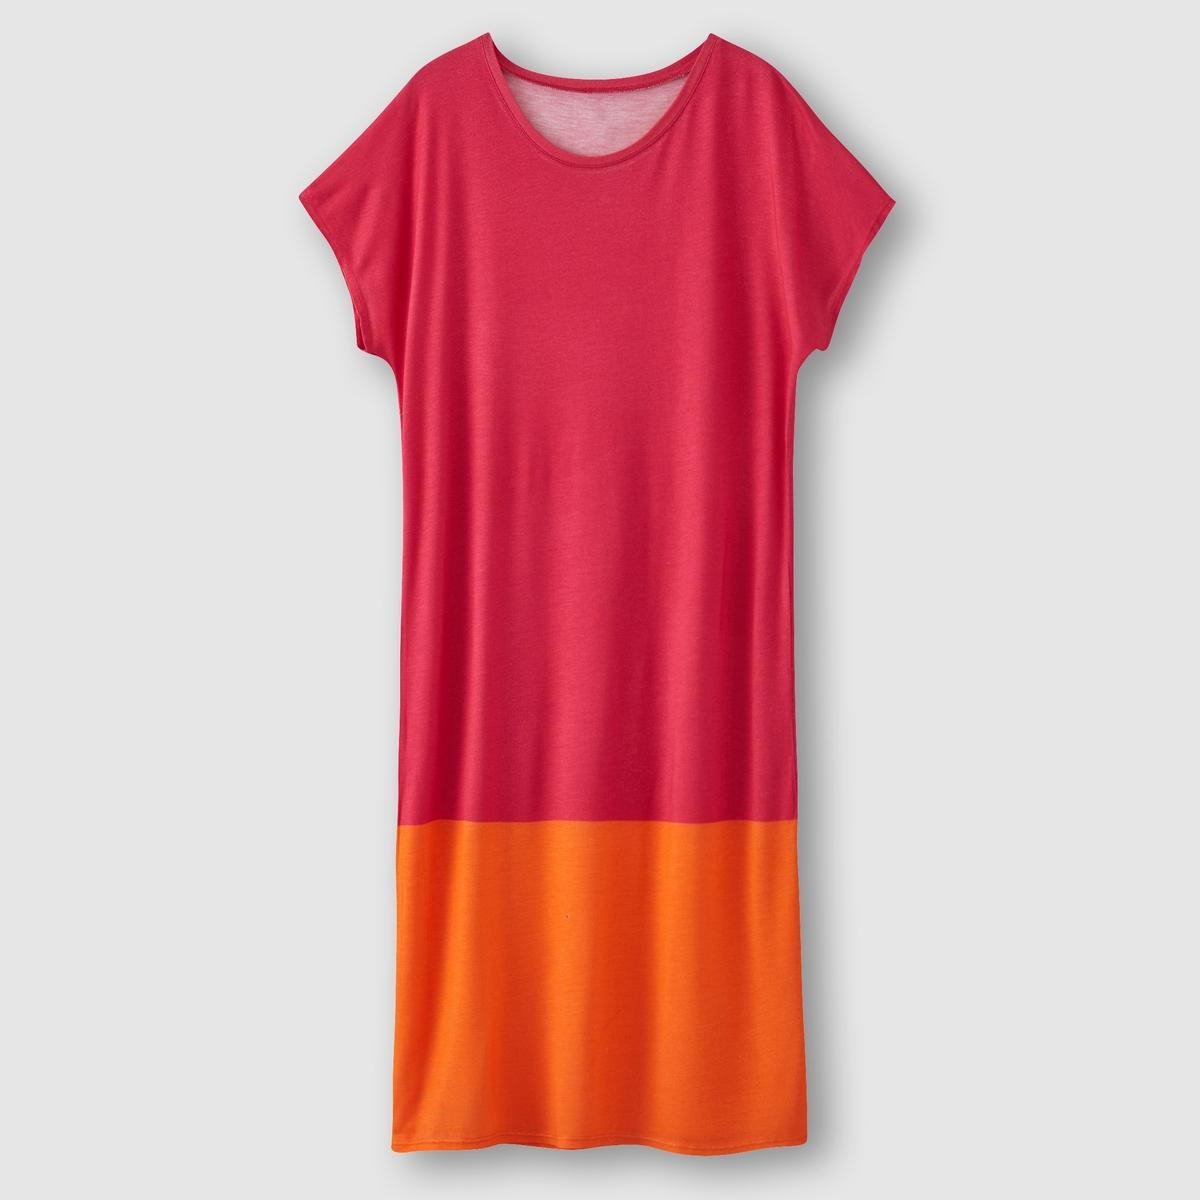 Платье с короткими рукавами R essentielПлатье с короткими рукавами R essentiel. Двухцветный эффект. Круглый вырез. Отделка лентой контрастного цвета снизу                  Состав и описание:  Материал: вискоза.  Марка: R essentiel.<br><br>Цвет: розовый<br>Размер: 38/40 (FR) - 44/46 (RUS)